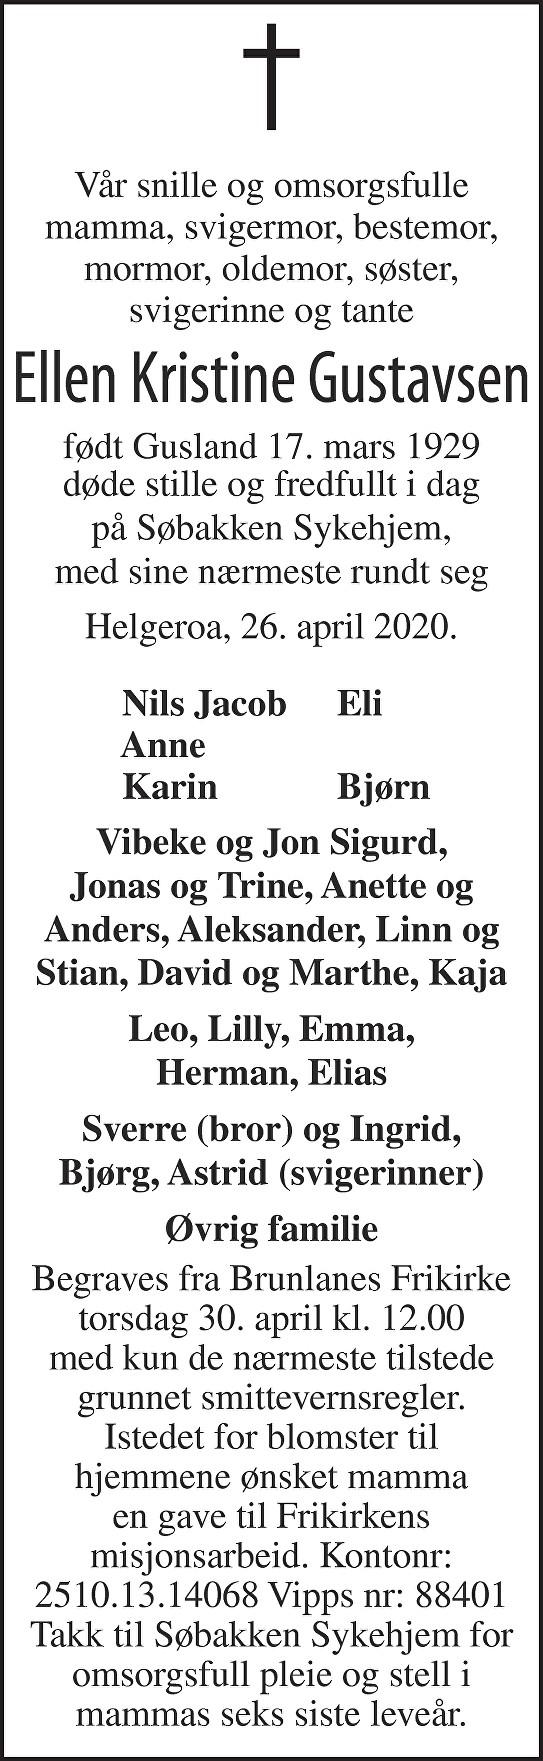 Ellen K. Gustavsen Dødsannonse